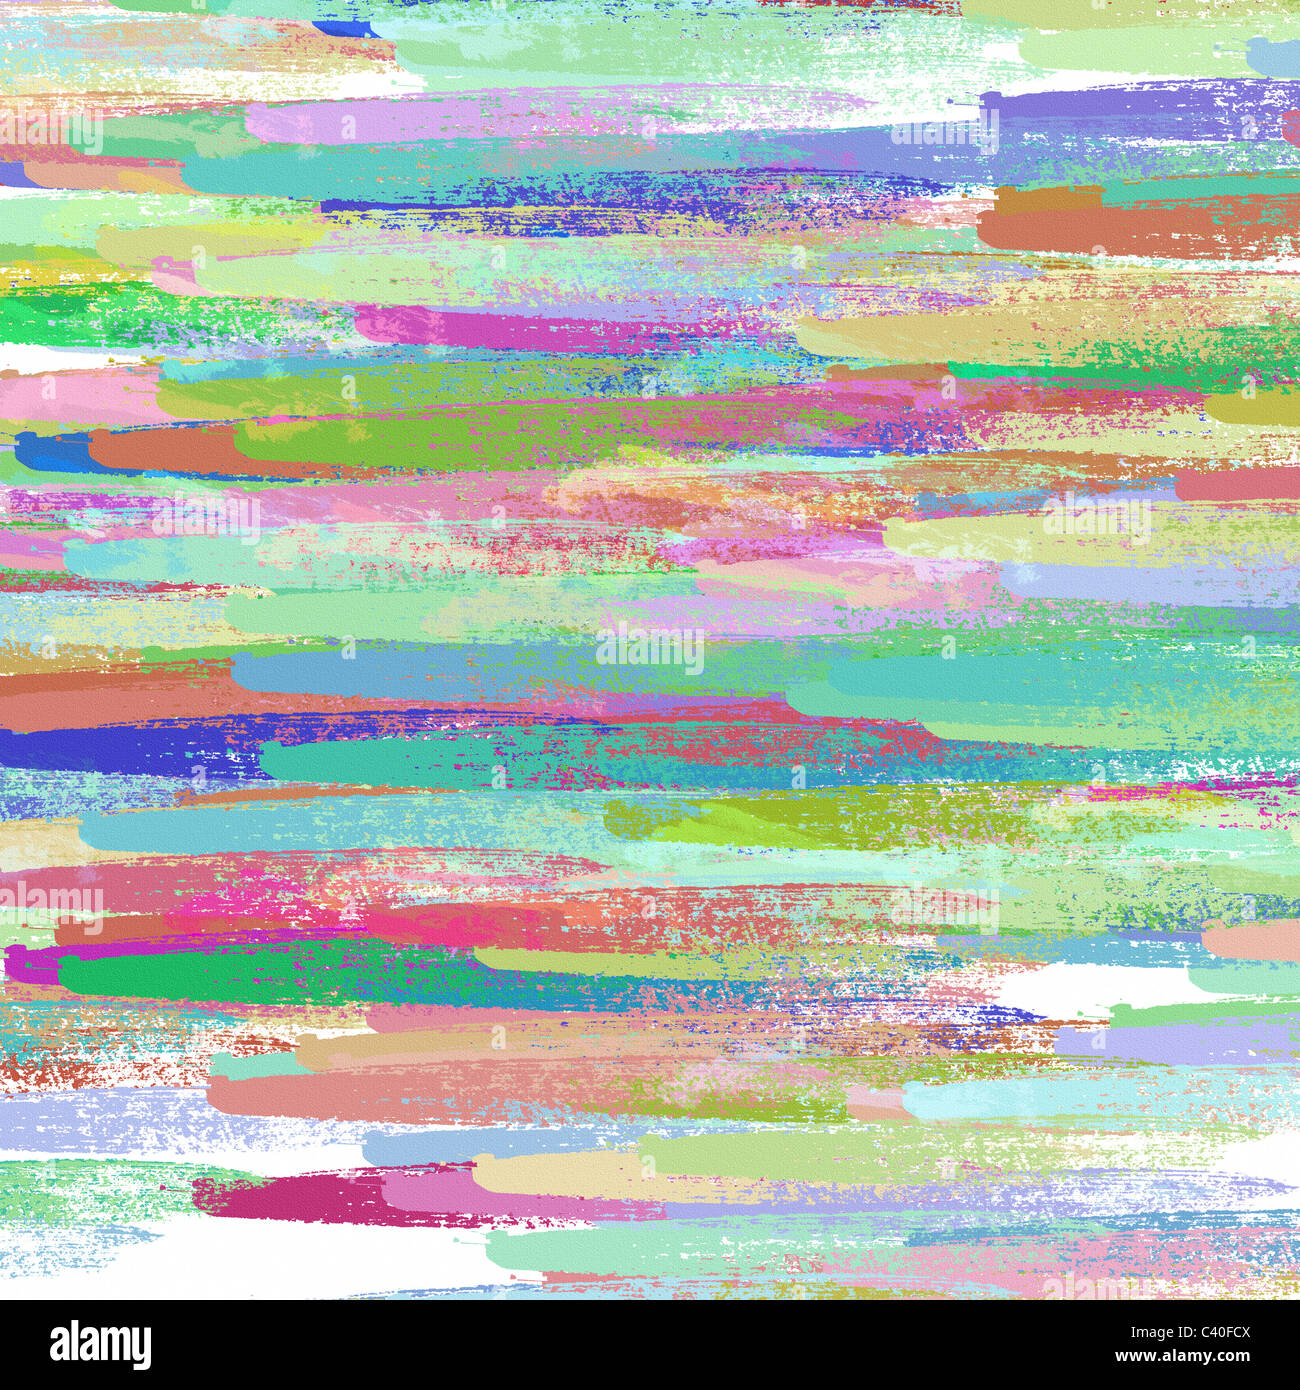 Conjunto de trazos de pintura de color Imagen De Stock